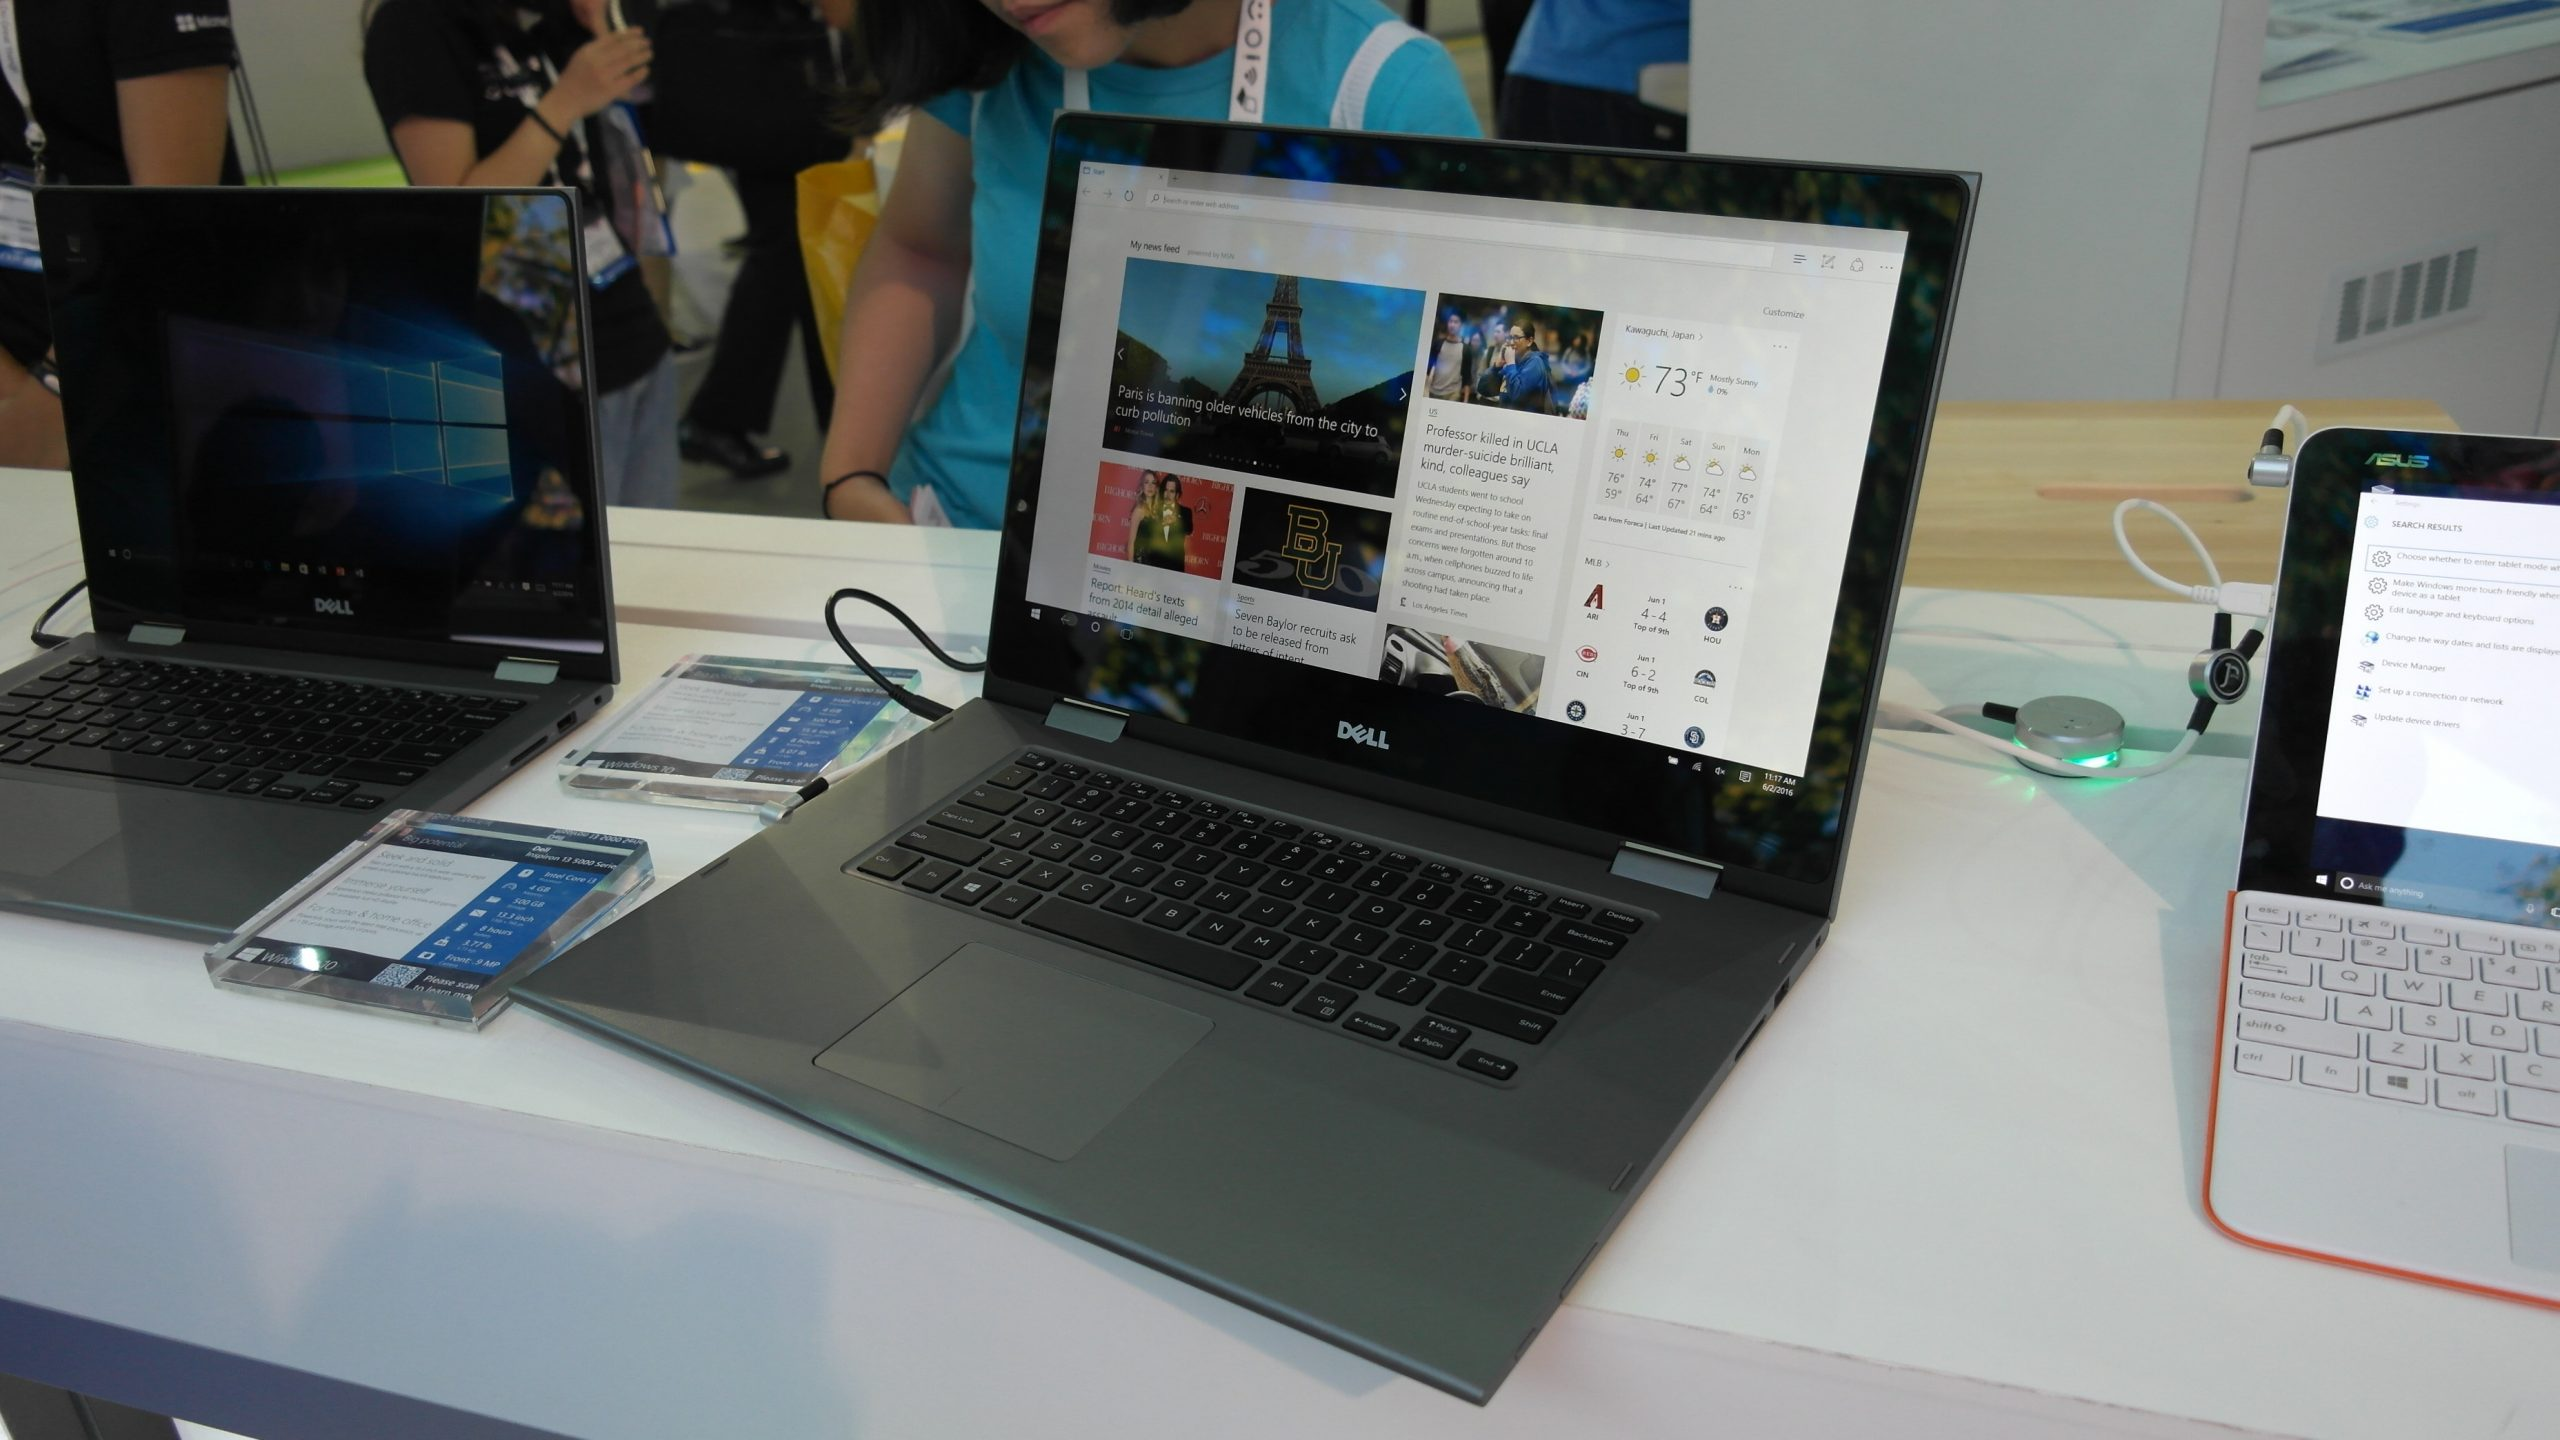 Análise do Dell Inspiron 17 7000 Series – hands-on com os primeiros 17in da Dell 2-no-1 computador portátil